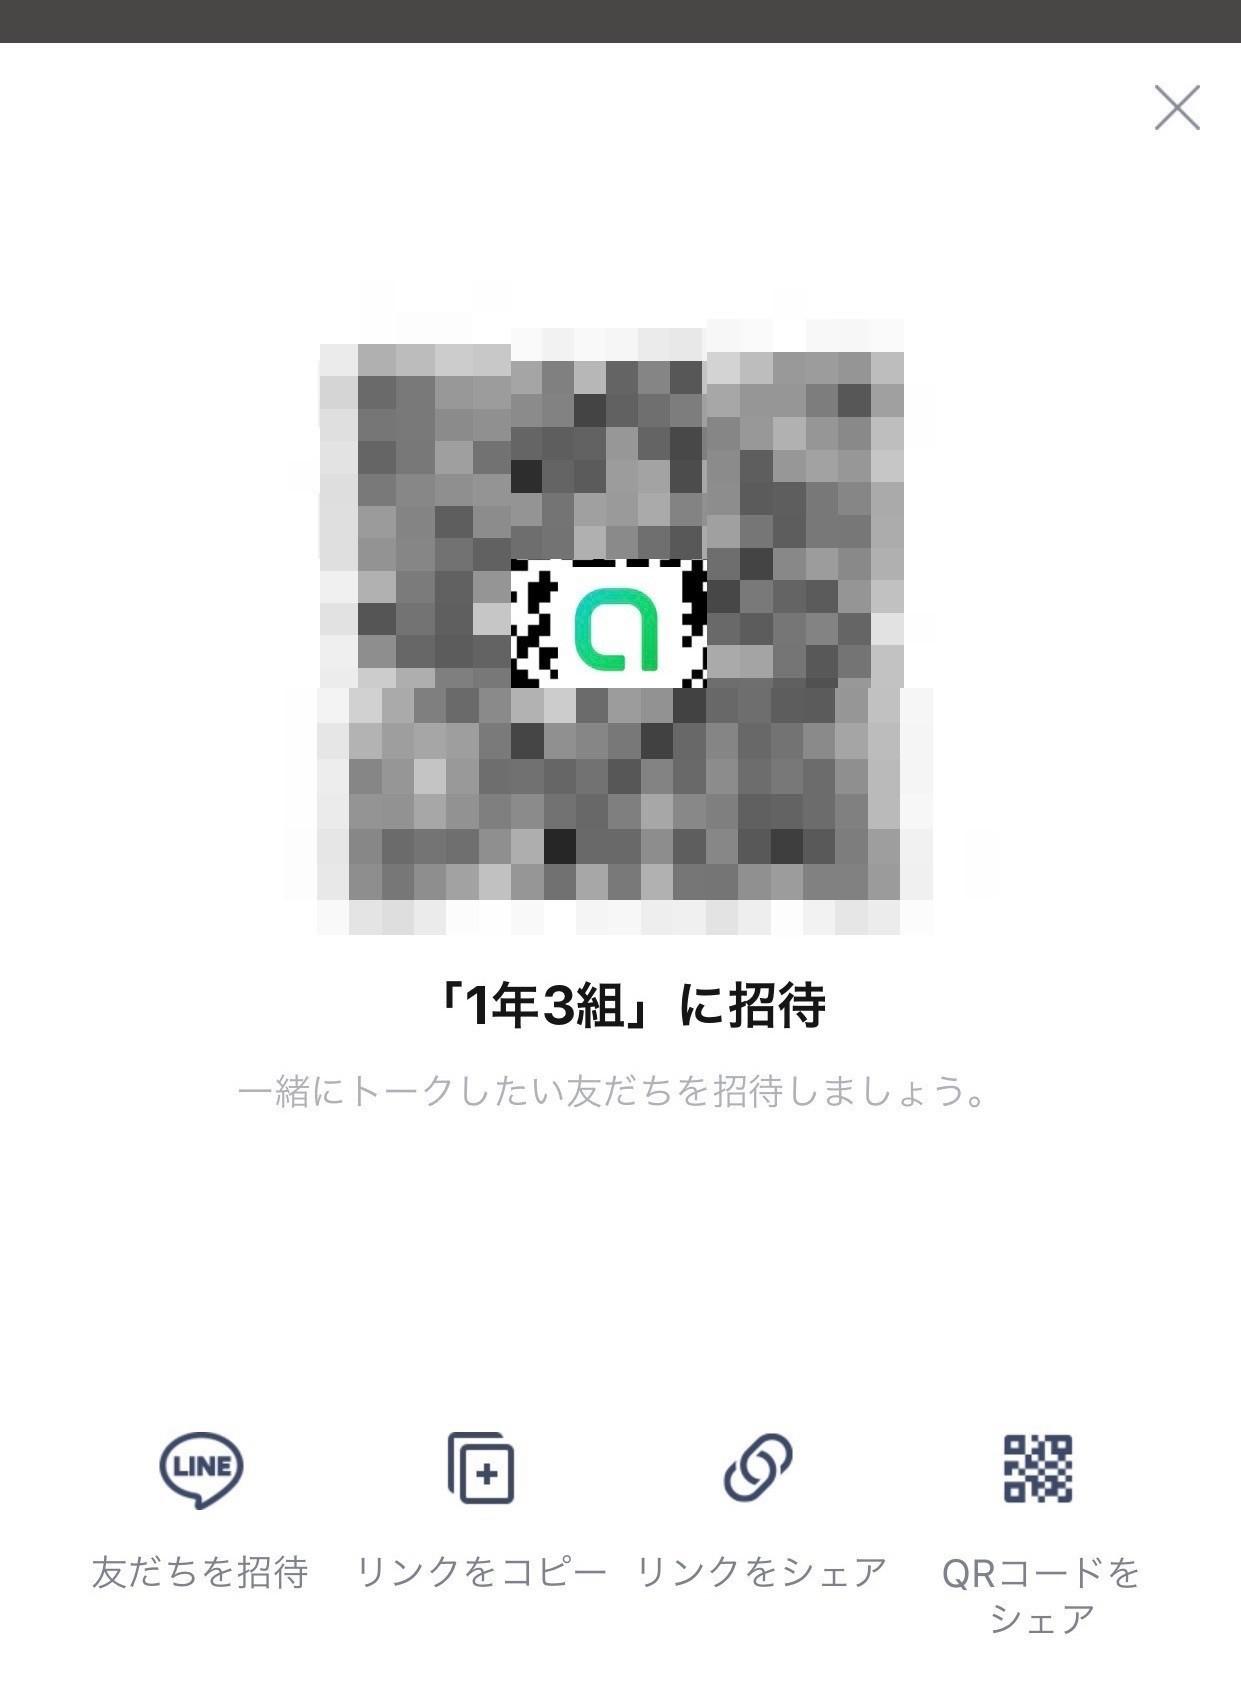 グループ 招待 コード Line qr